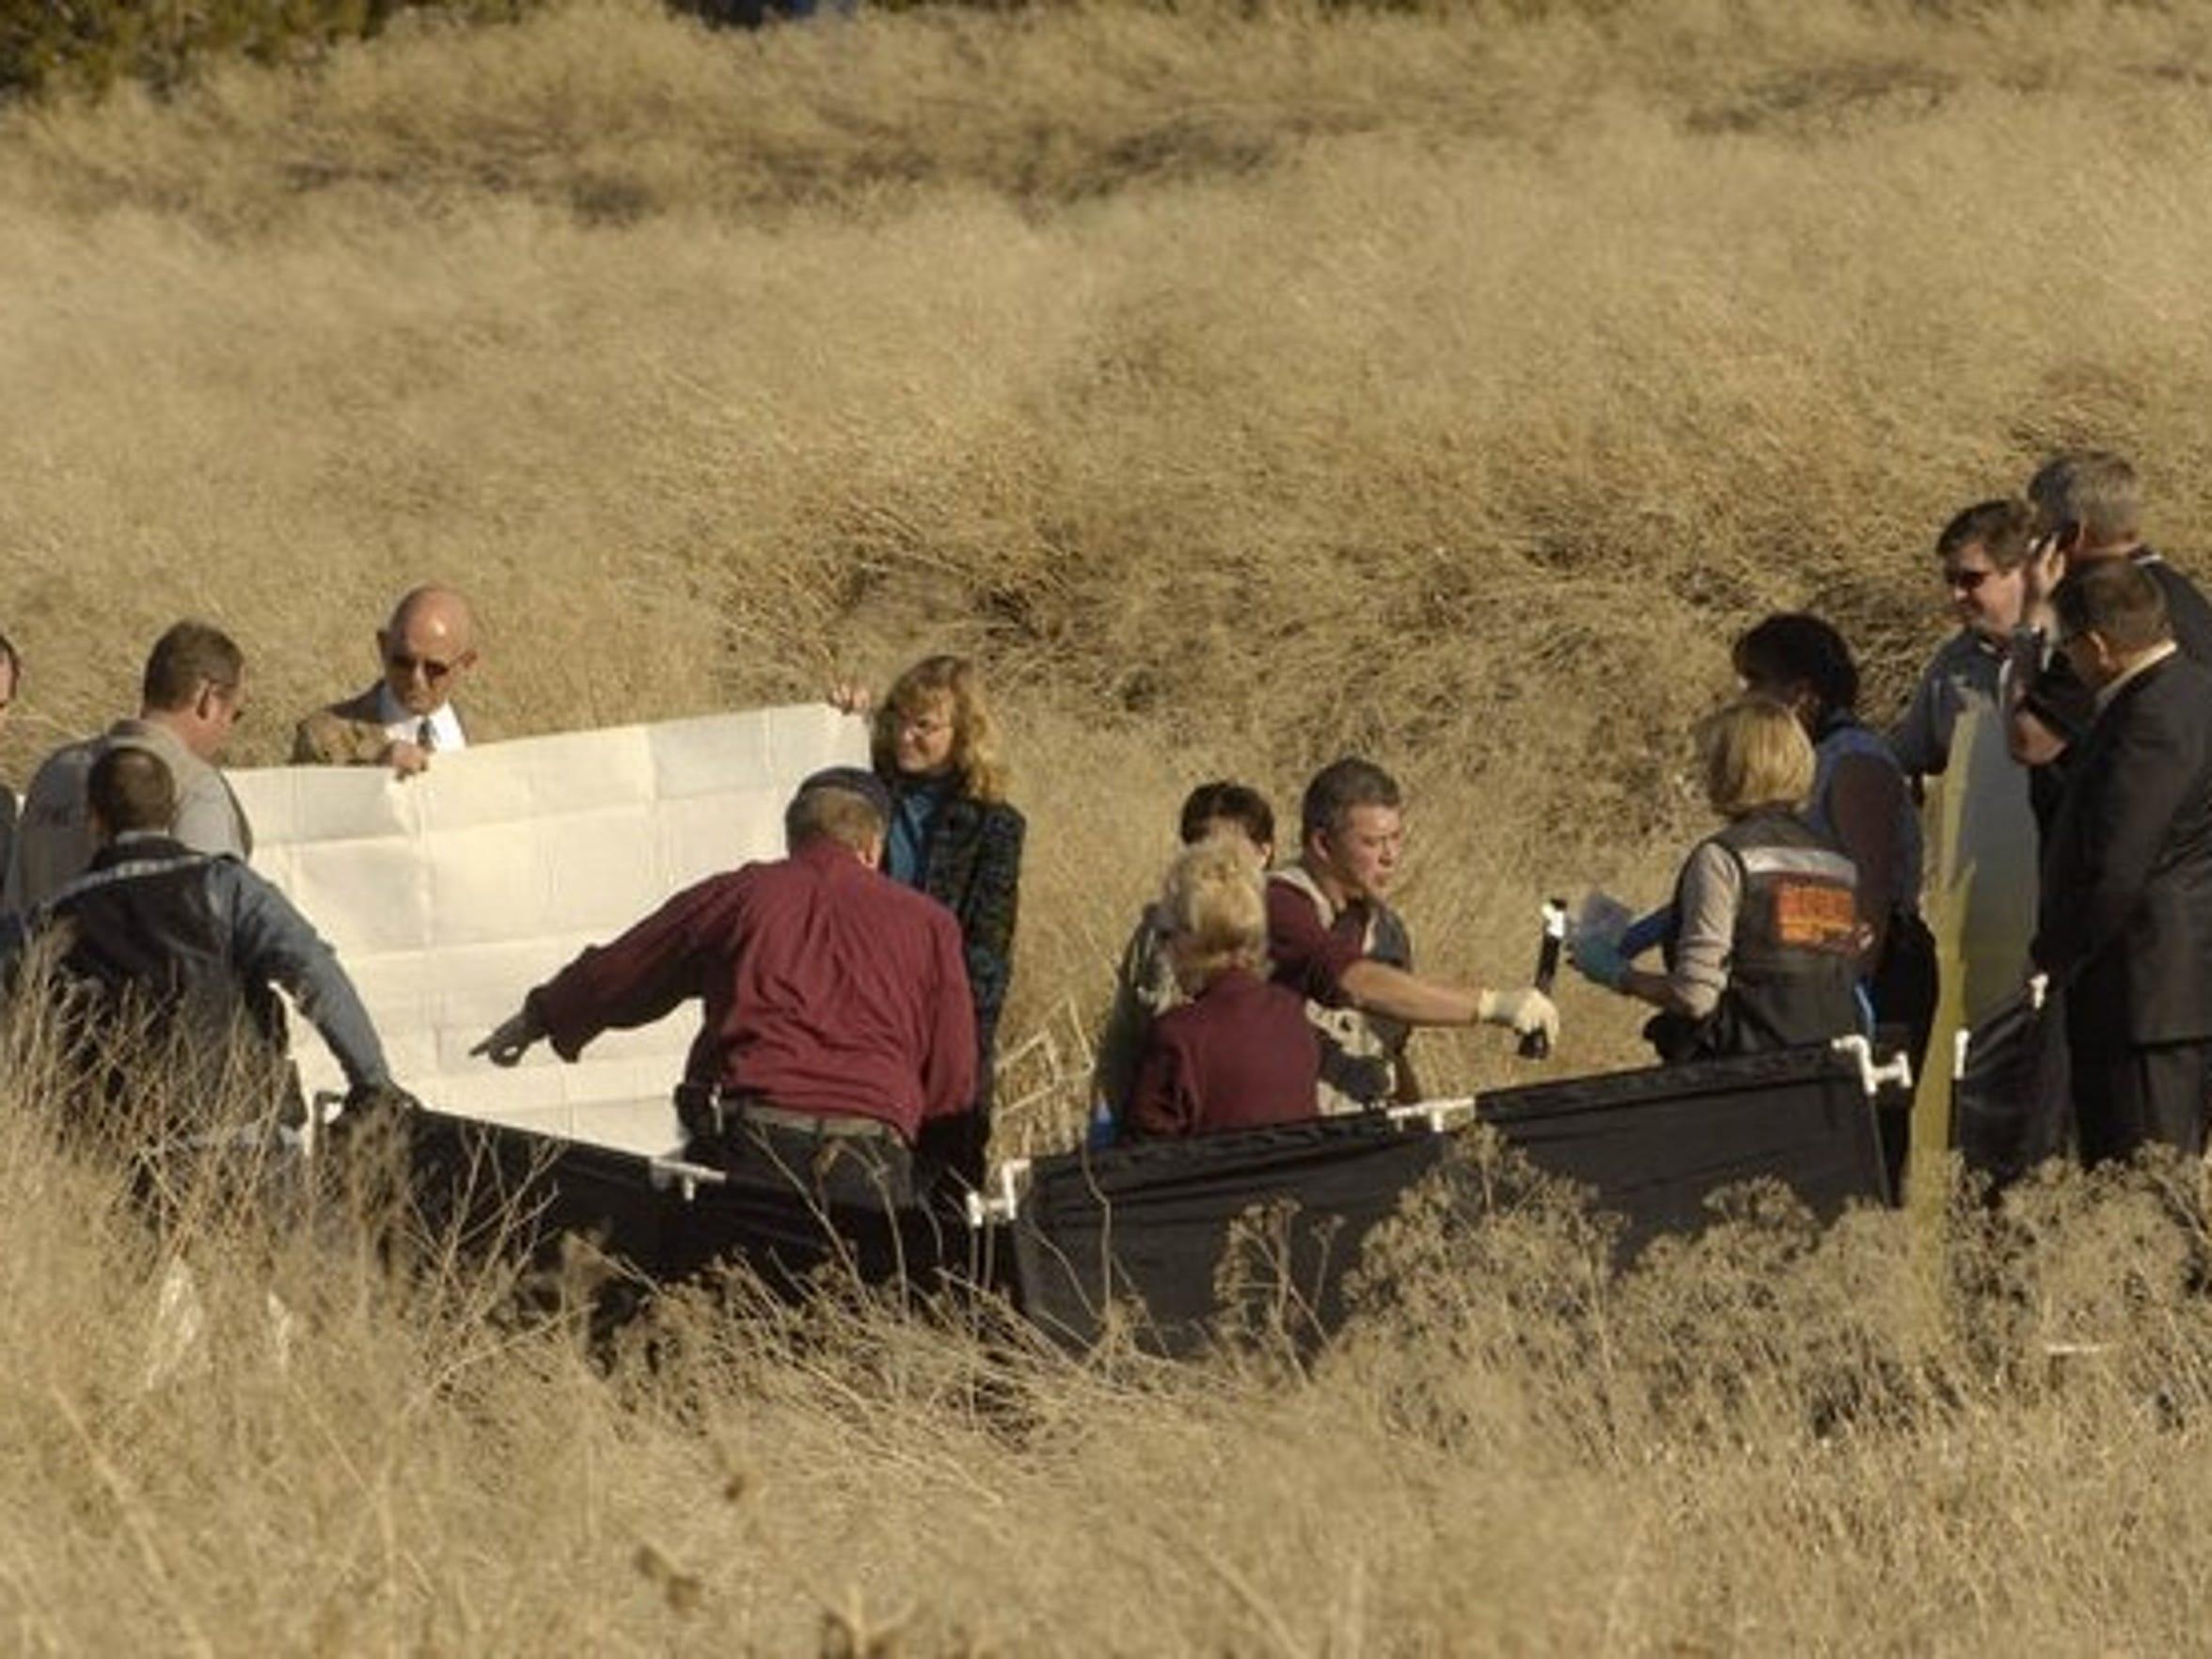 Investigators near Brianna Denison, who was found in a field in south Reno.